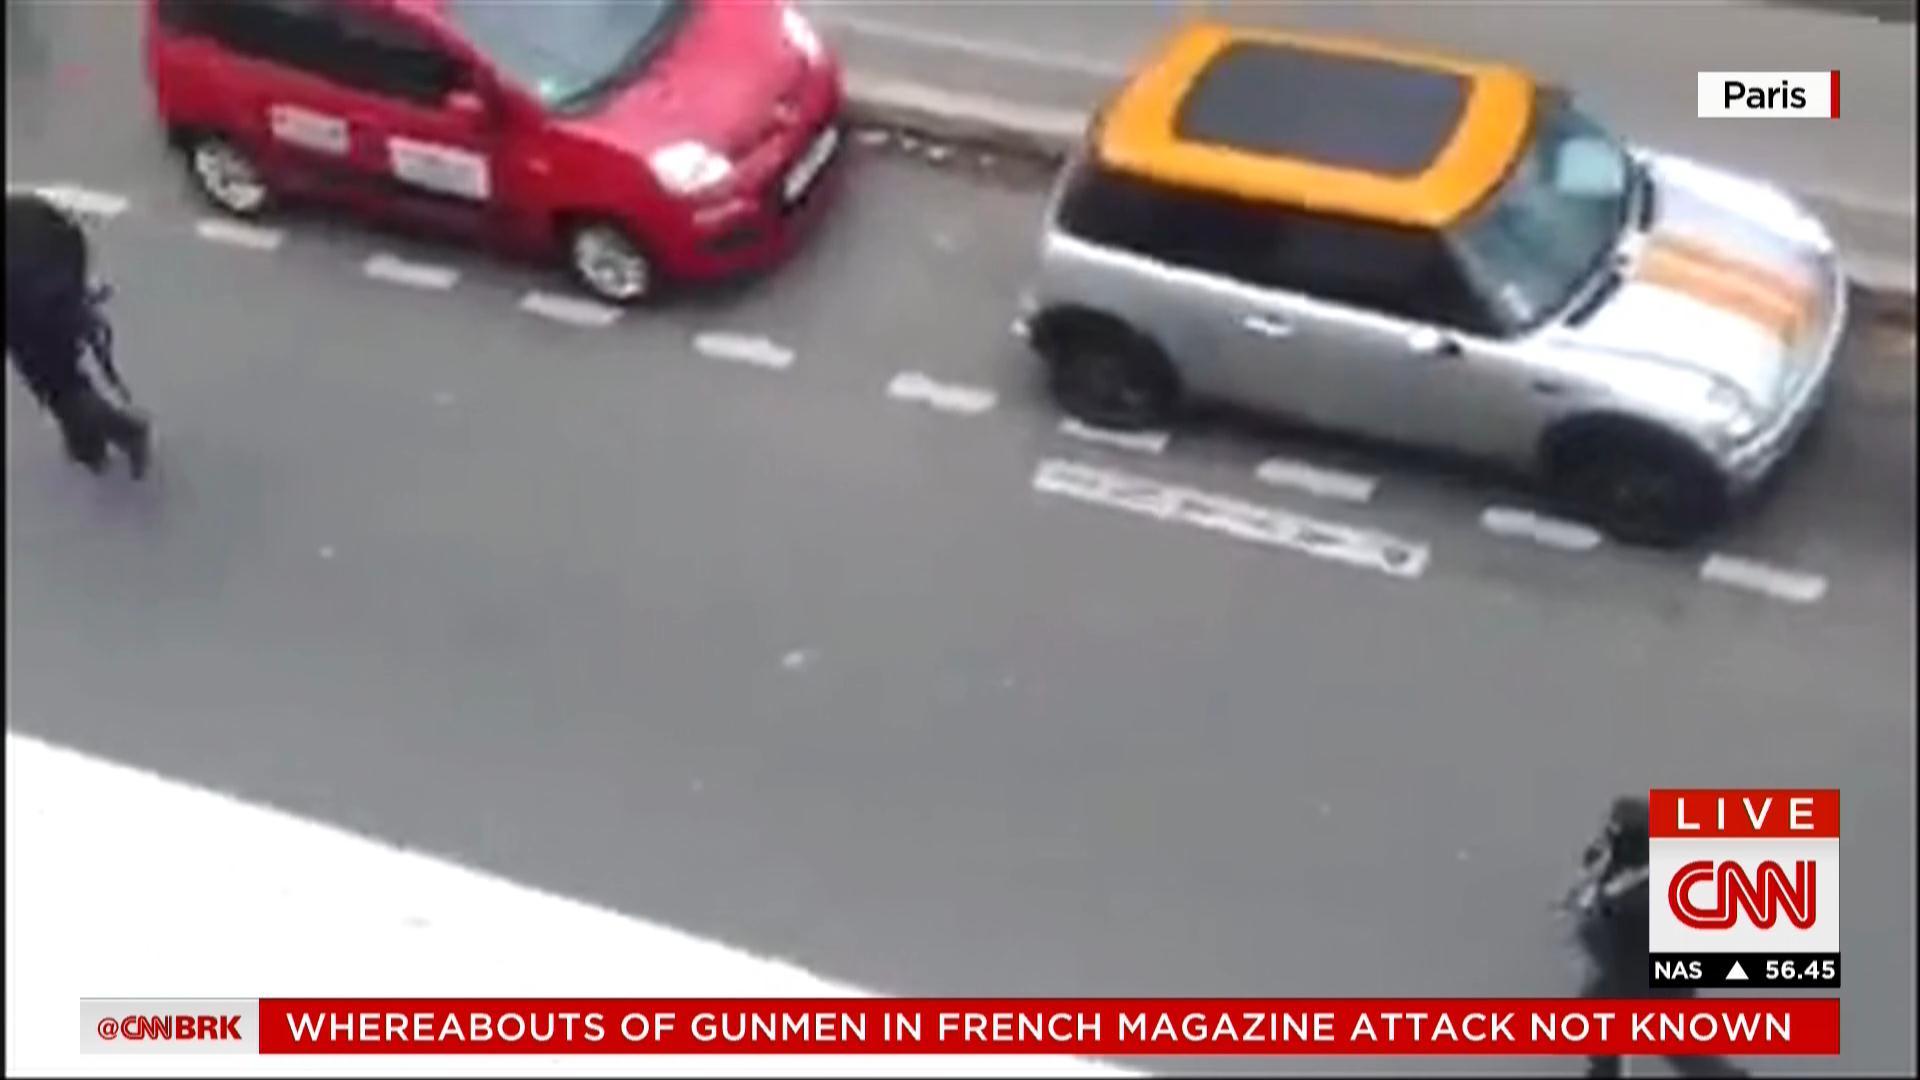 """تفاصيل هجوم باريس.. شاهد: المسلحان هتفا """"الله أكبر"""" وأنهما """"ينتقمان للرسول محمد"""" قبل قتل 10 أشخاص بغرفة اجتماعات صحيفة تشارلي إيبدو"""